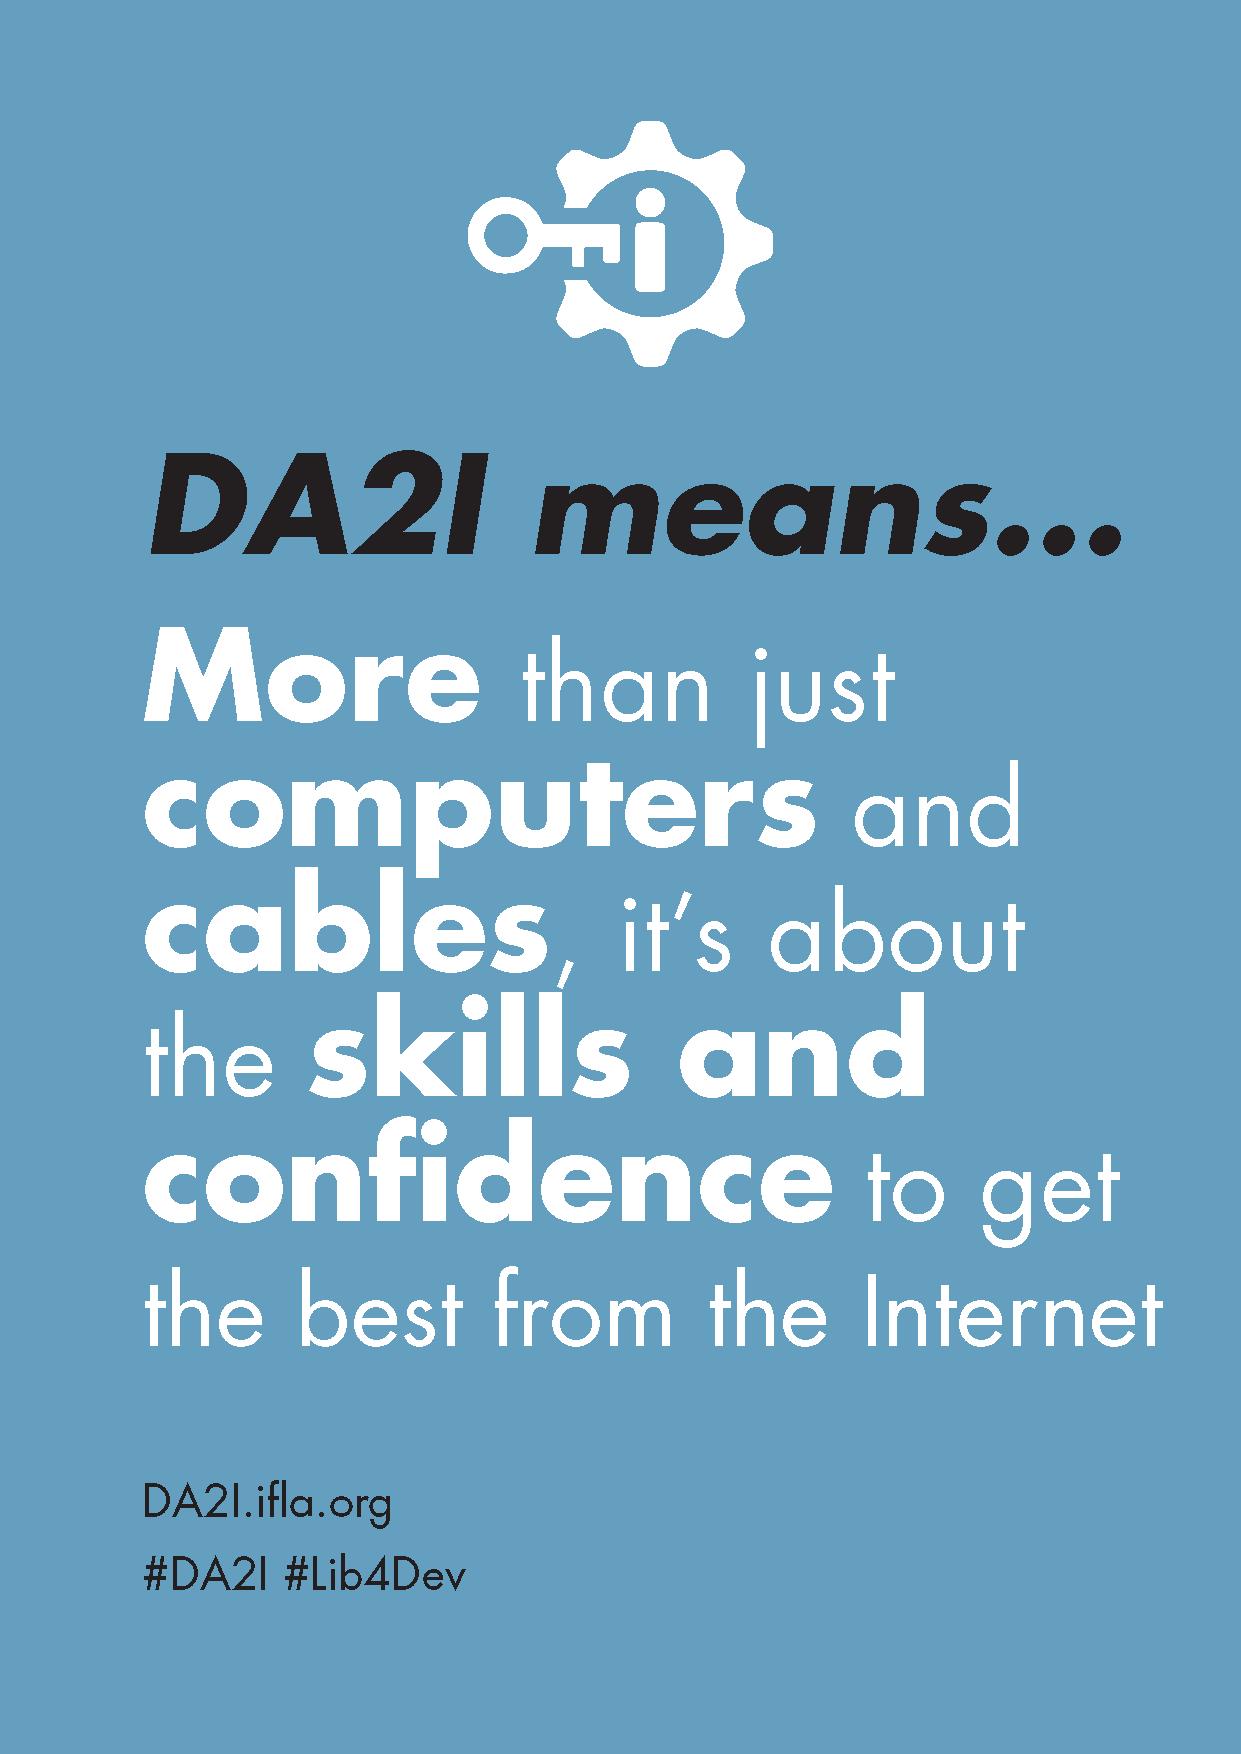 DA2I Postcard SDG 16